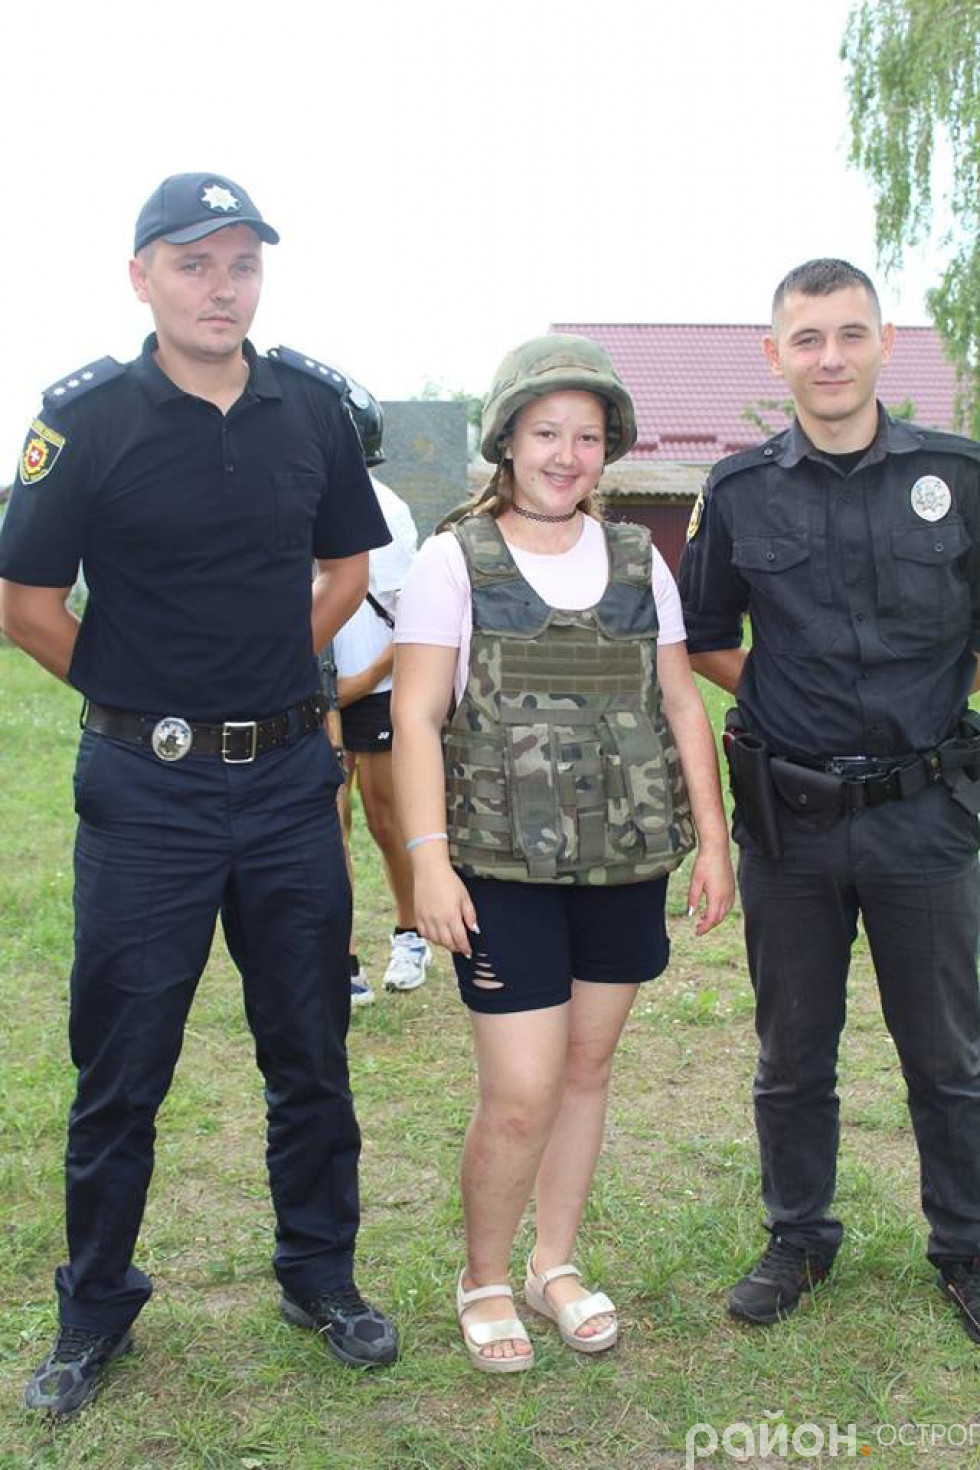 Фото з поліцейськими